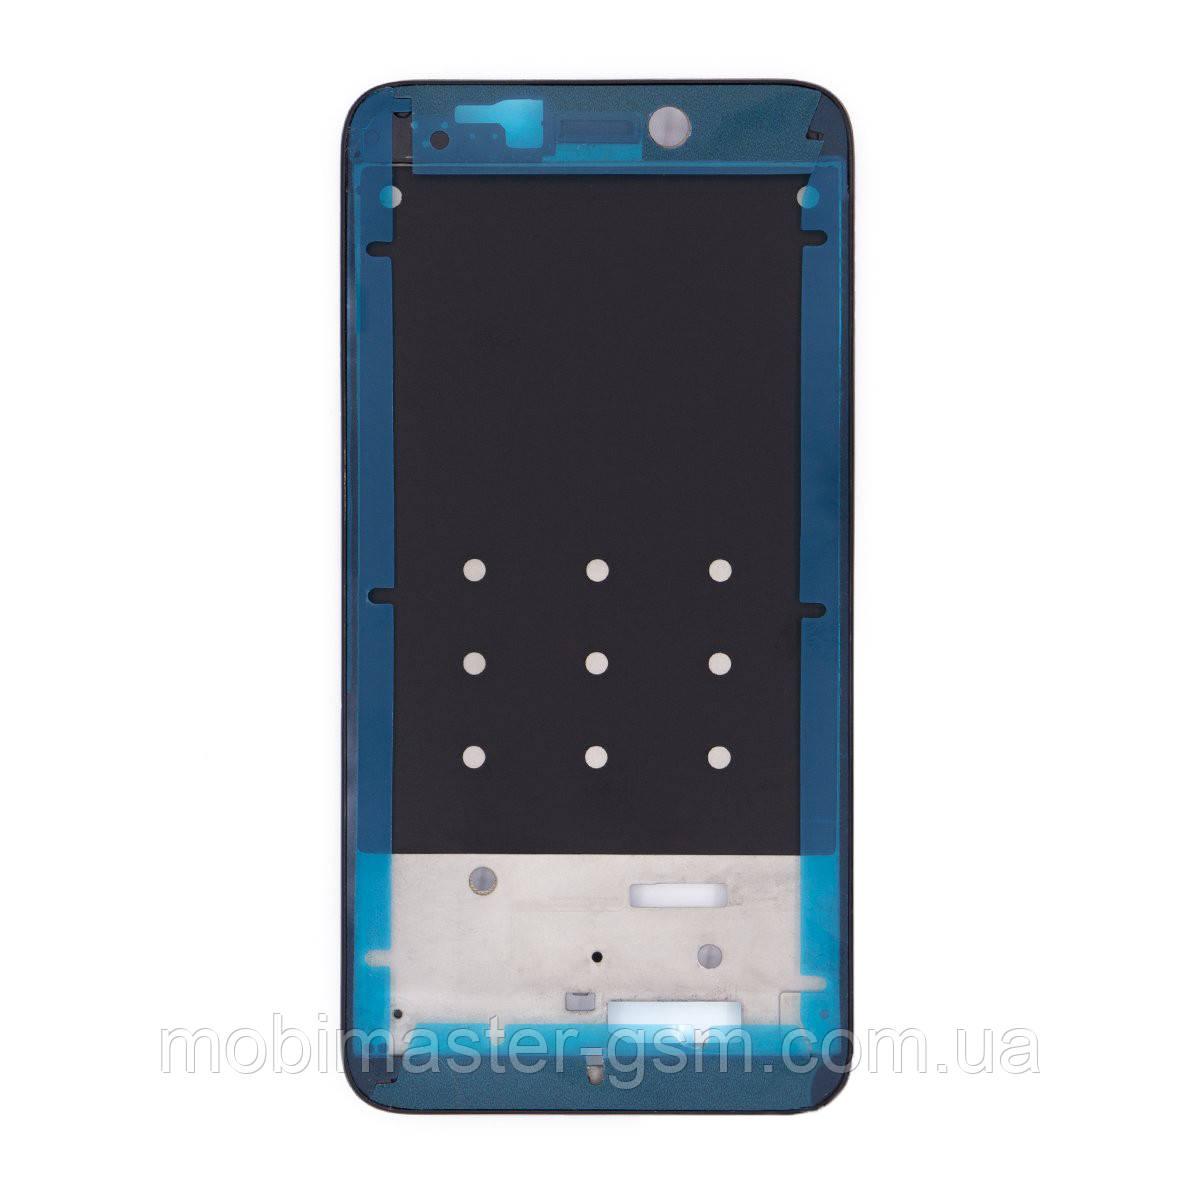 Корпус Samsung J710H Galaxy J7 (2016) черный